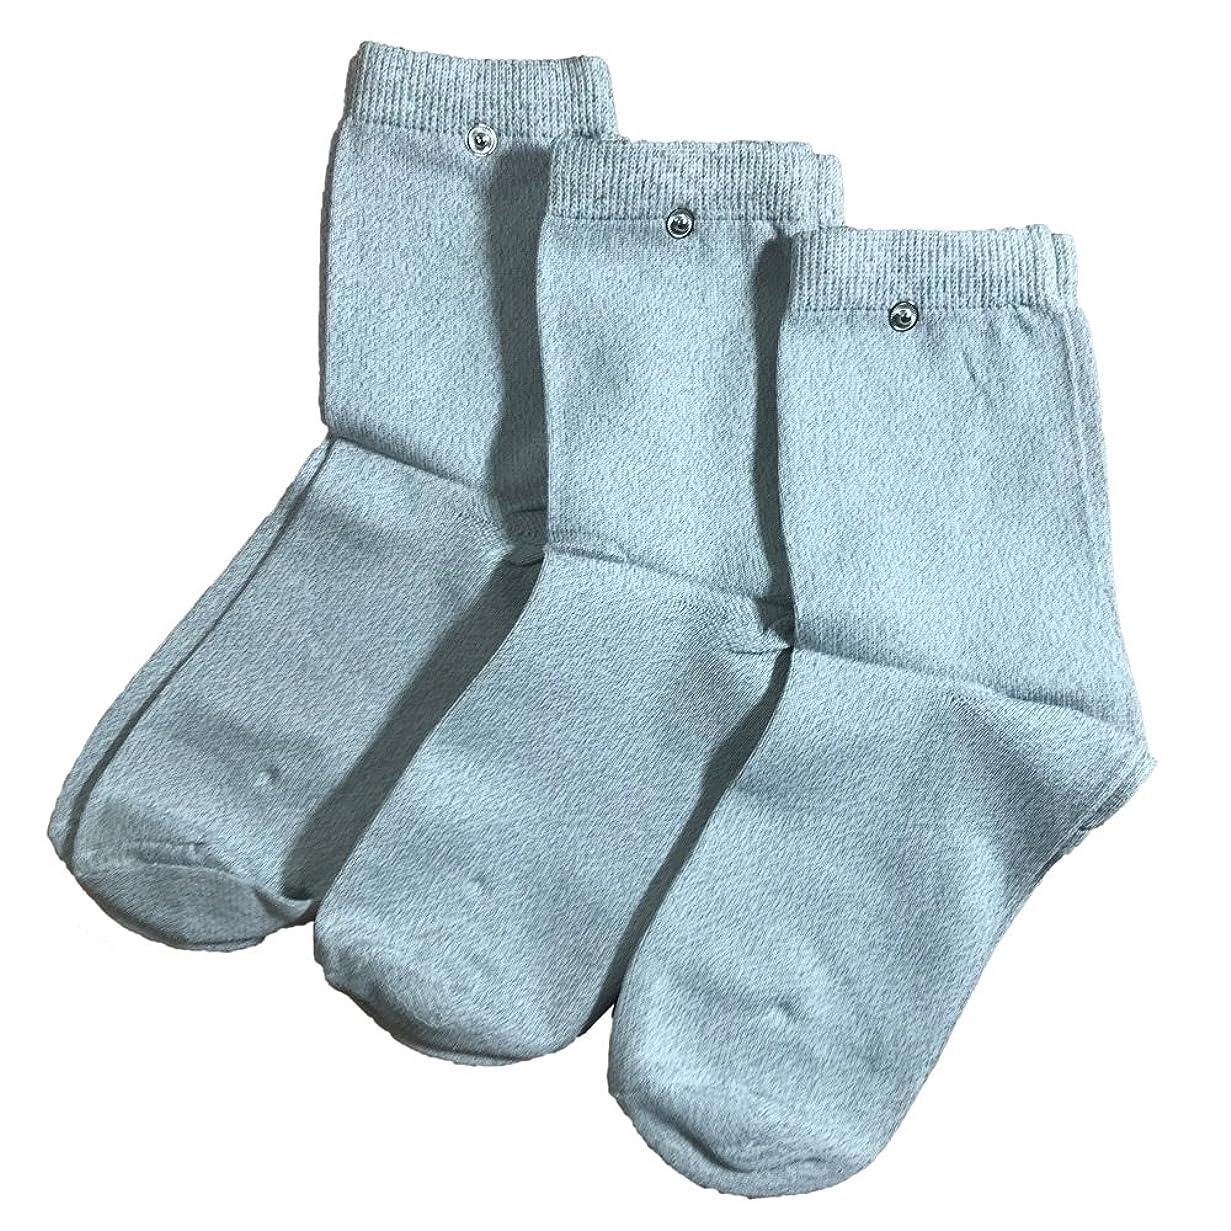 祖父母を訪問揮発性くすぐったいriraku-life(??????) 大地と繋がるアーシング健康法用 アーシングソックス(high) お徳用3足セット 導電性靴下 (3) (M)